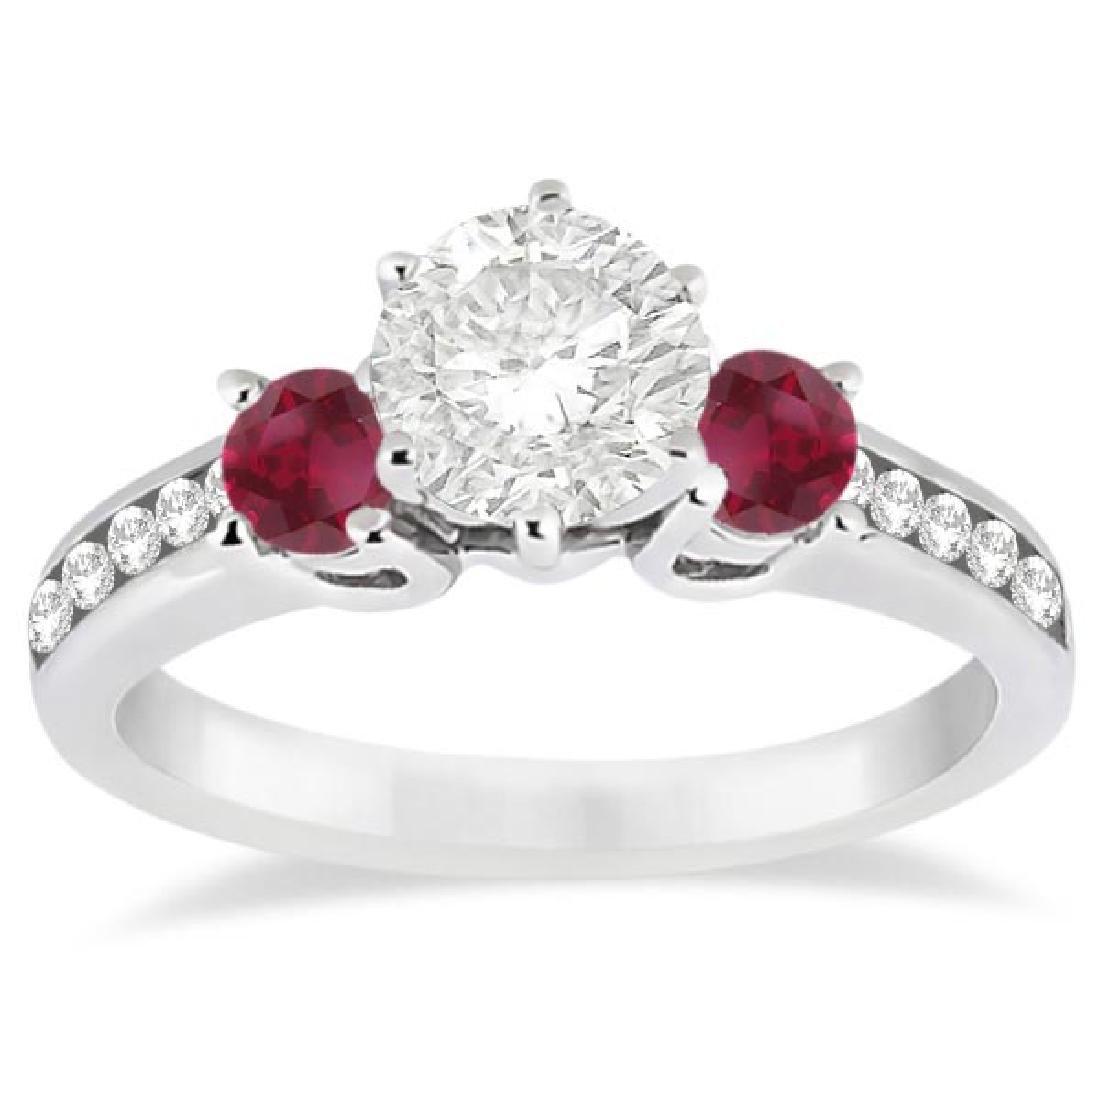 Three-Stone Ruby and Diamond Engagement Ring 14k White